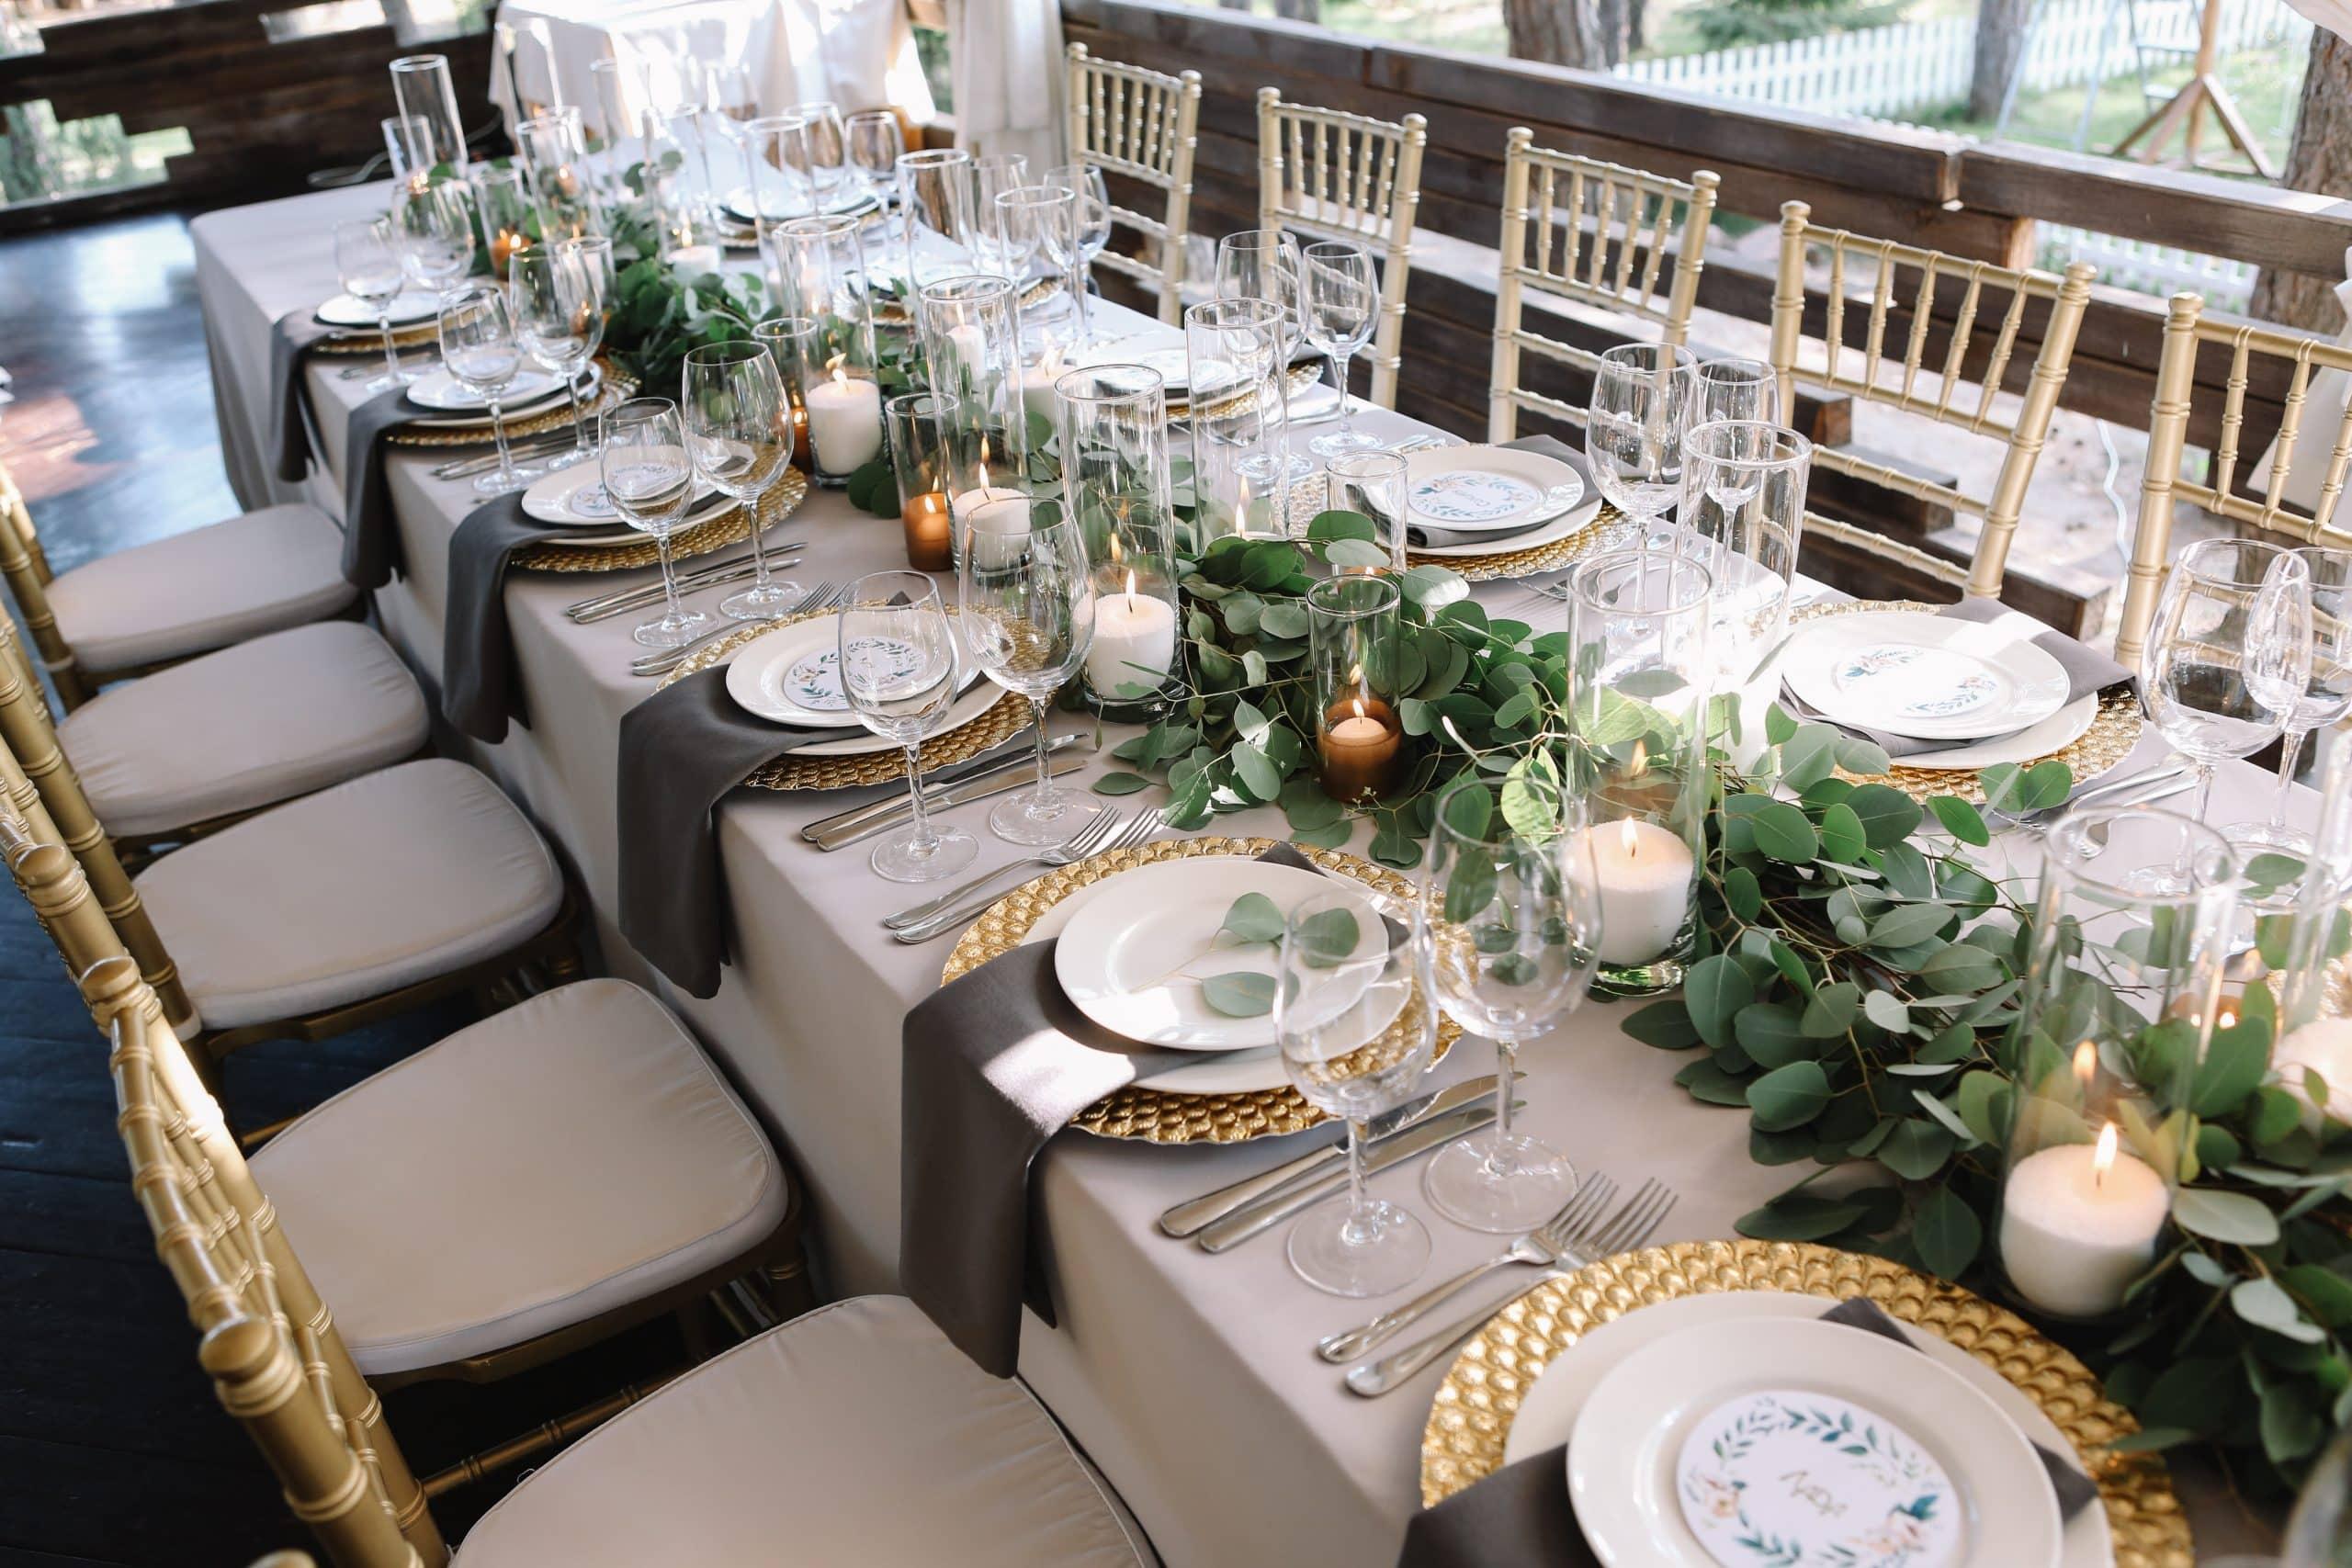 svadba stolovanie